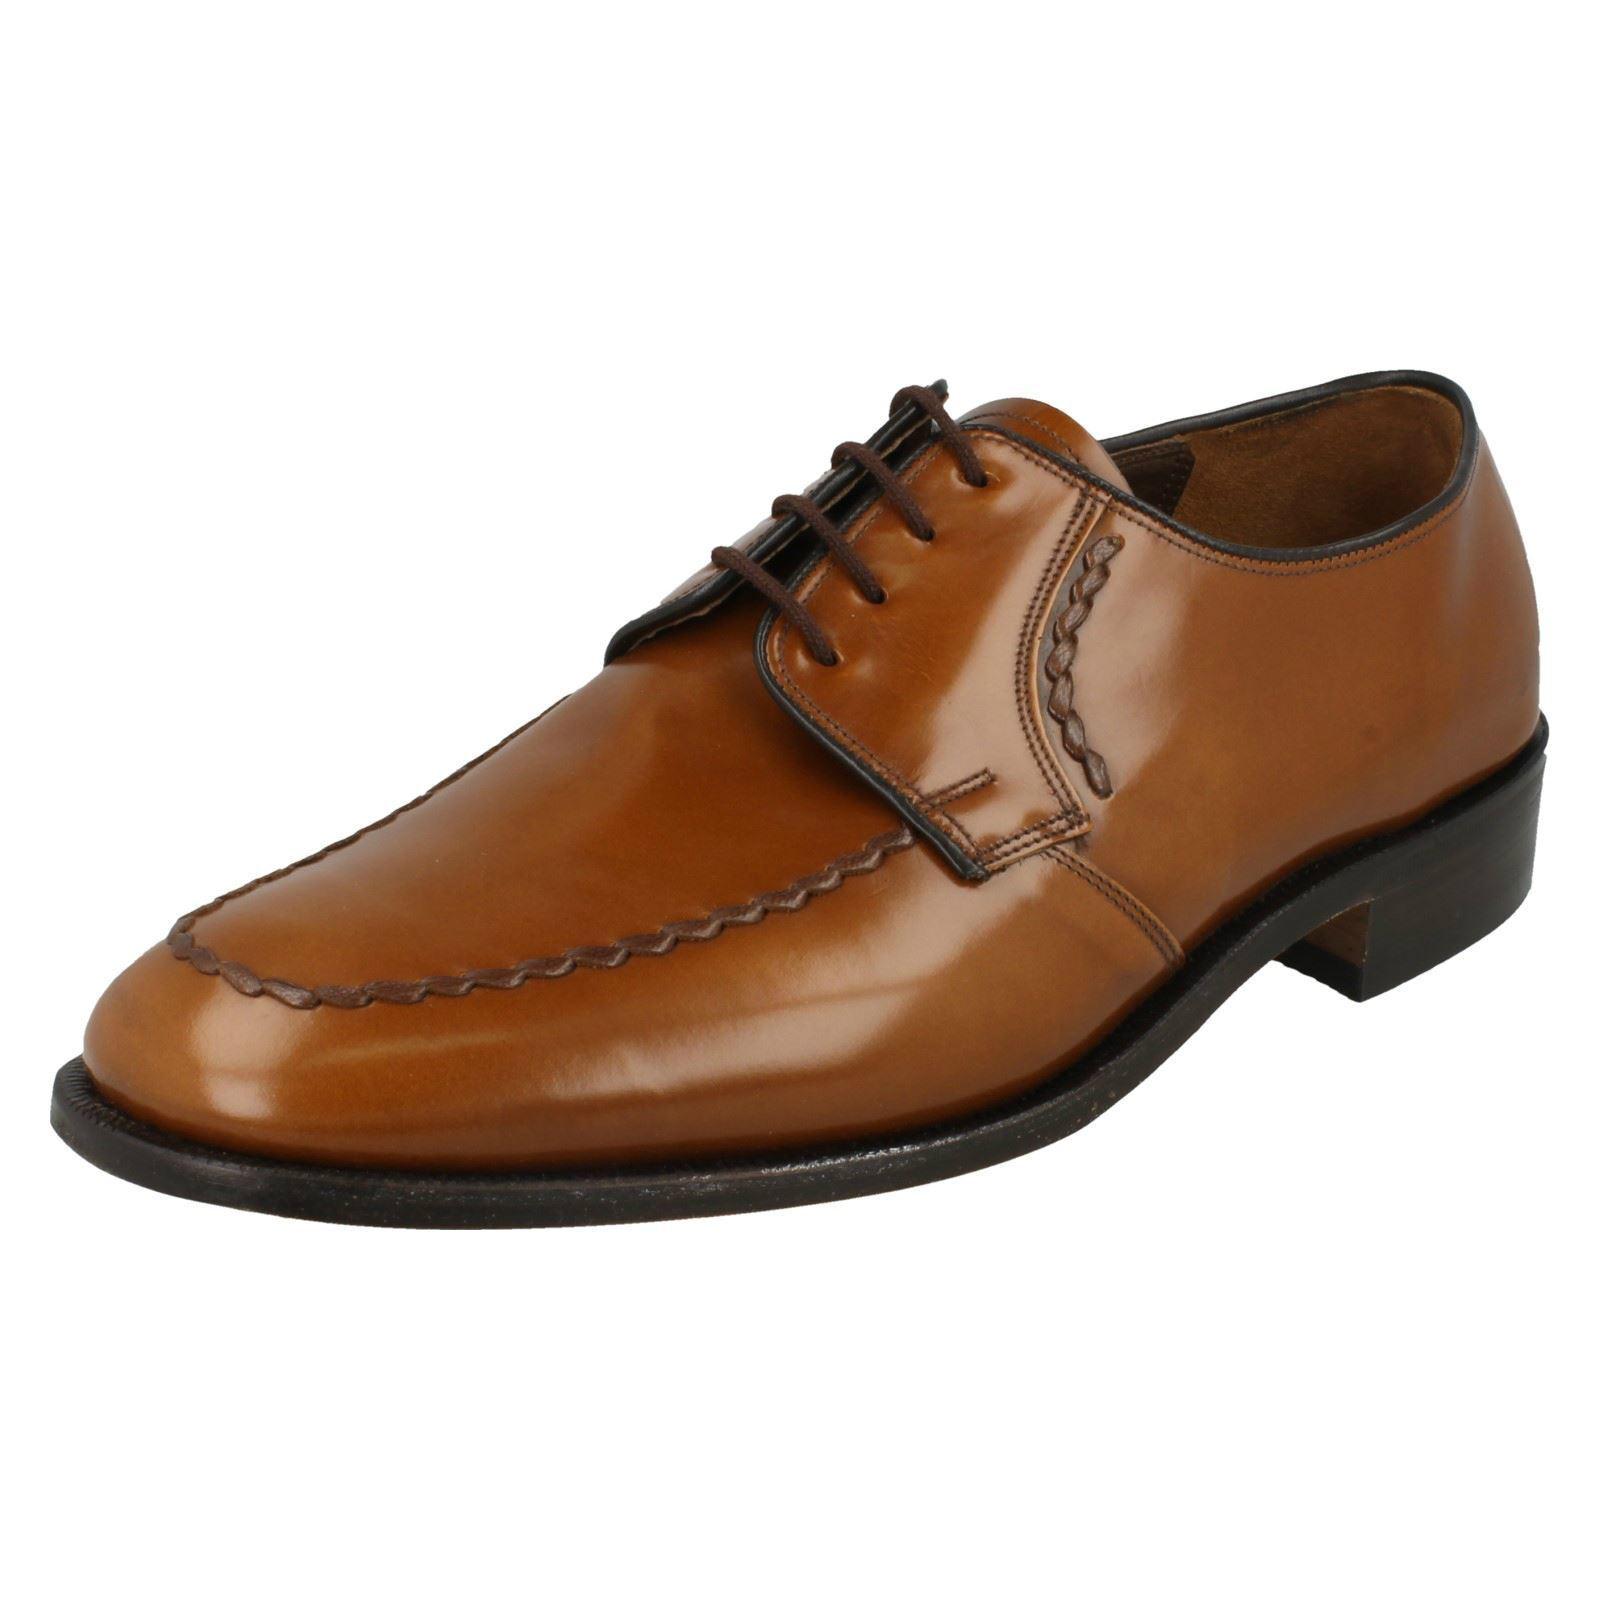 Billig gute Qualität Mens Barker Smart Shoes Eaton